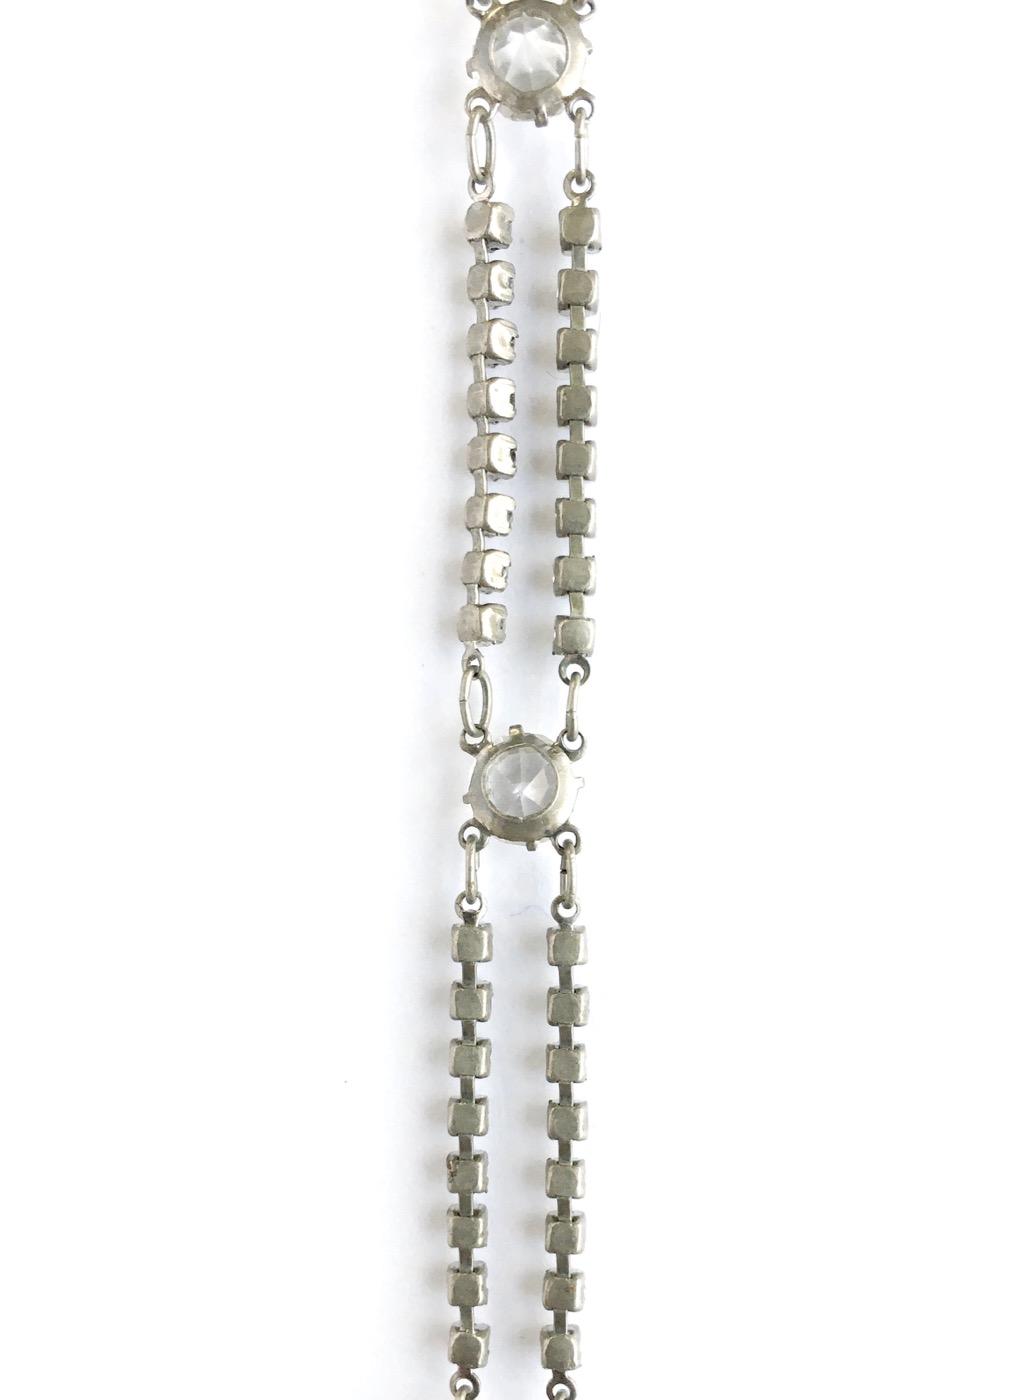 1920s Czech glass + rhinestone bracelet